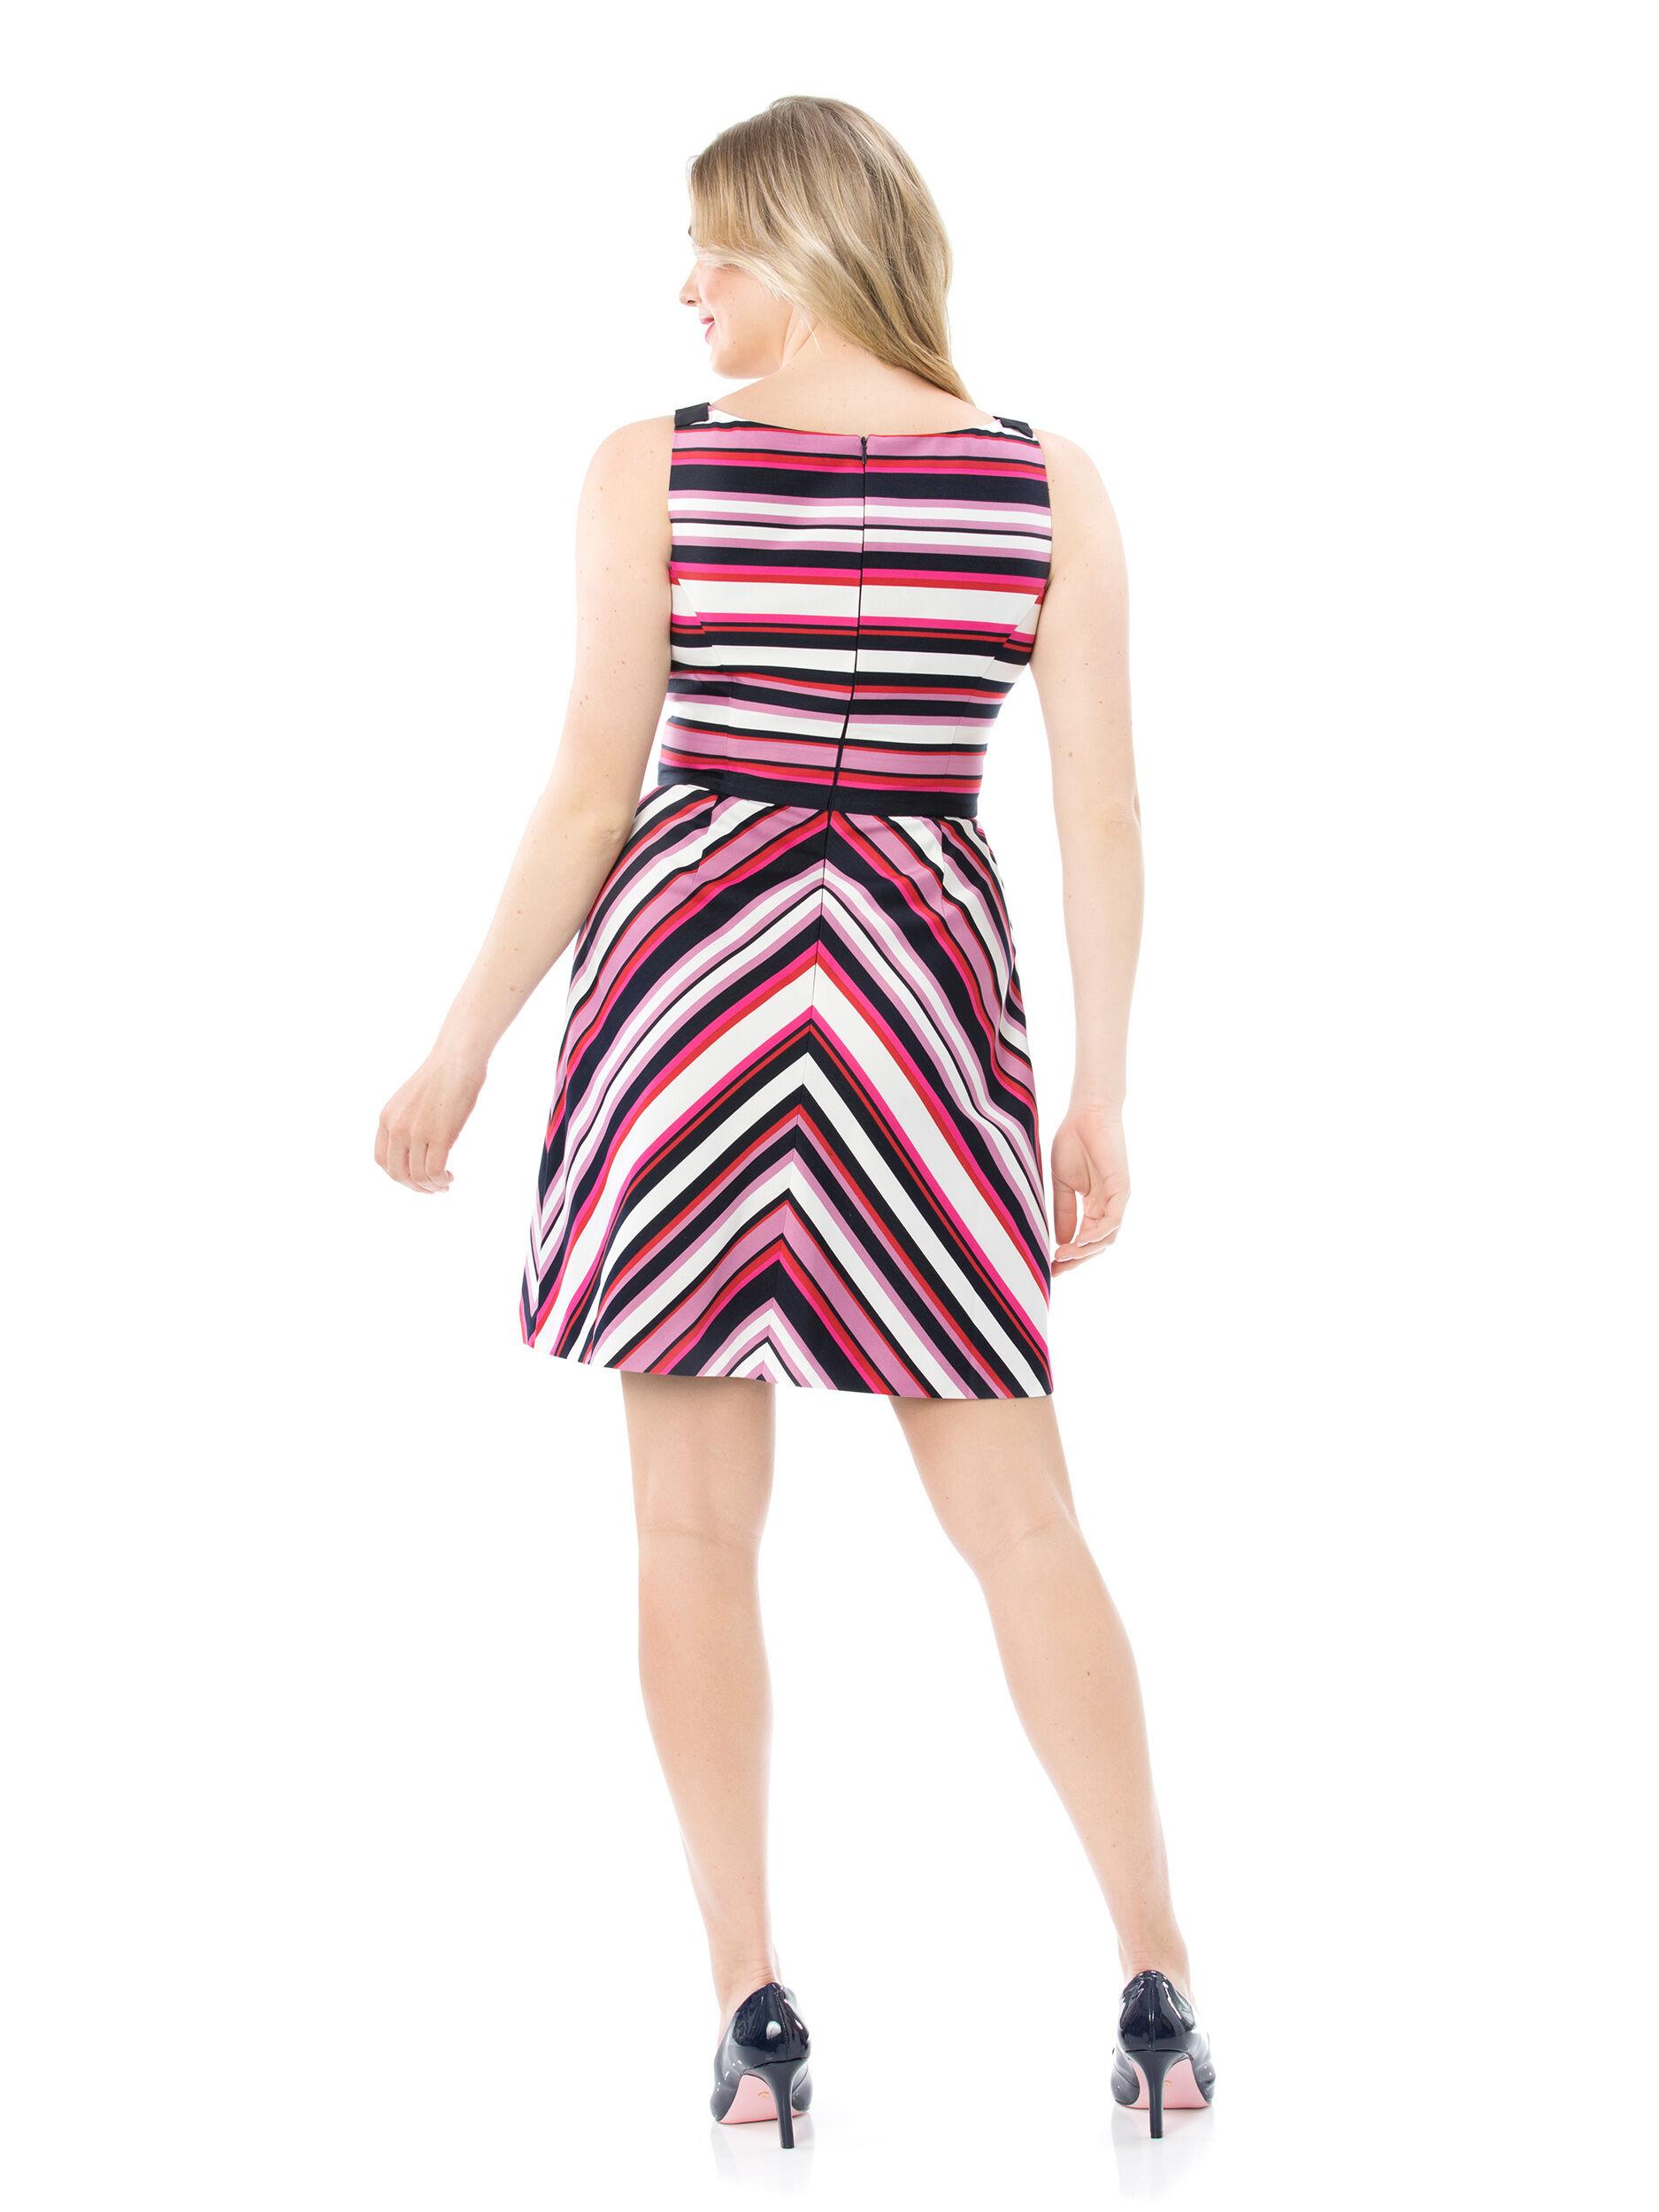 Lollipop Stripe Dress